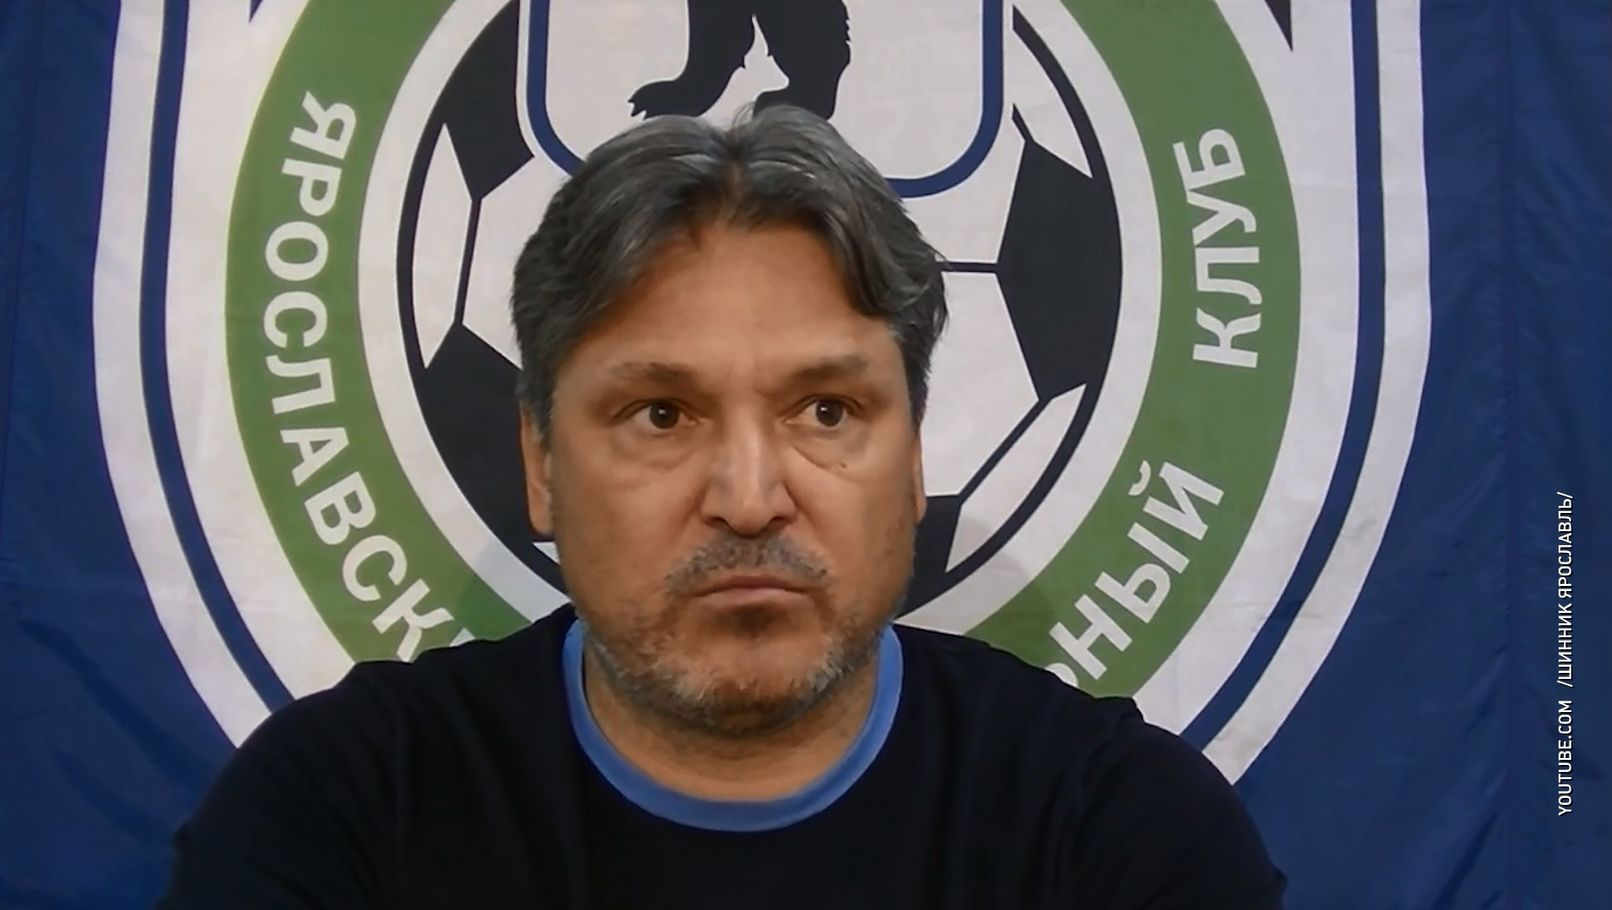 Ярославский «Шинник» на своем поле обыграл «Торпедо-Владимир» в матче чемпионата ФНЛ-2